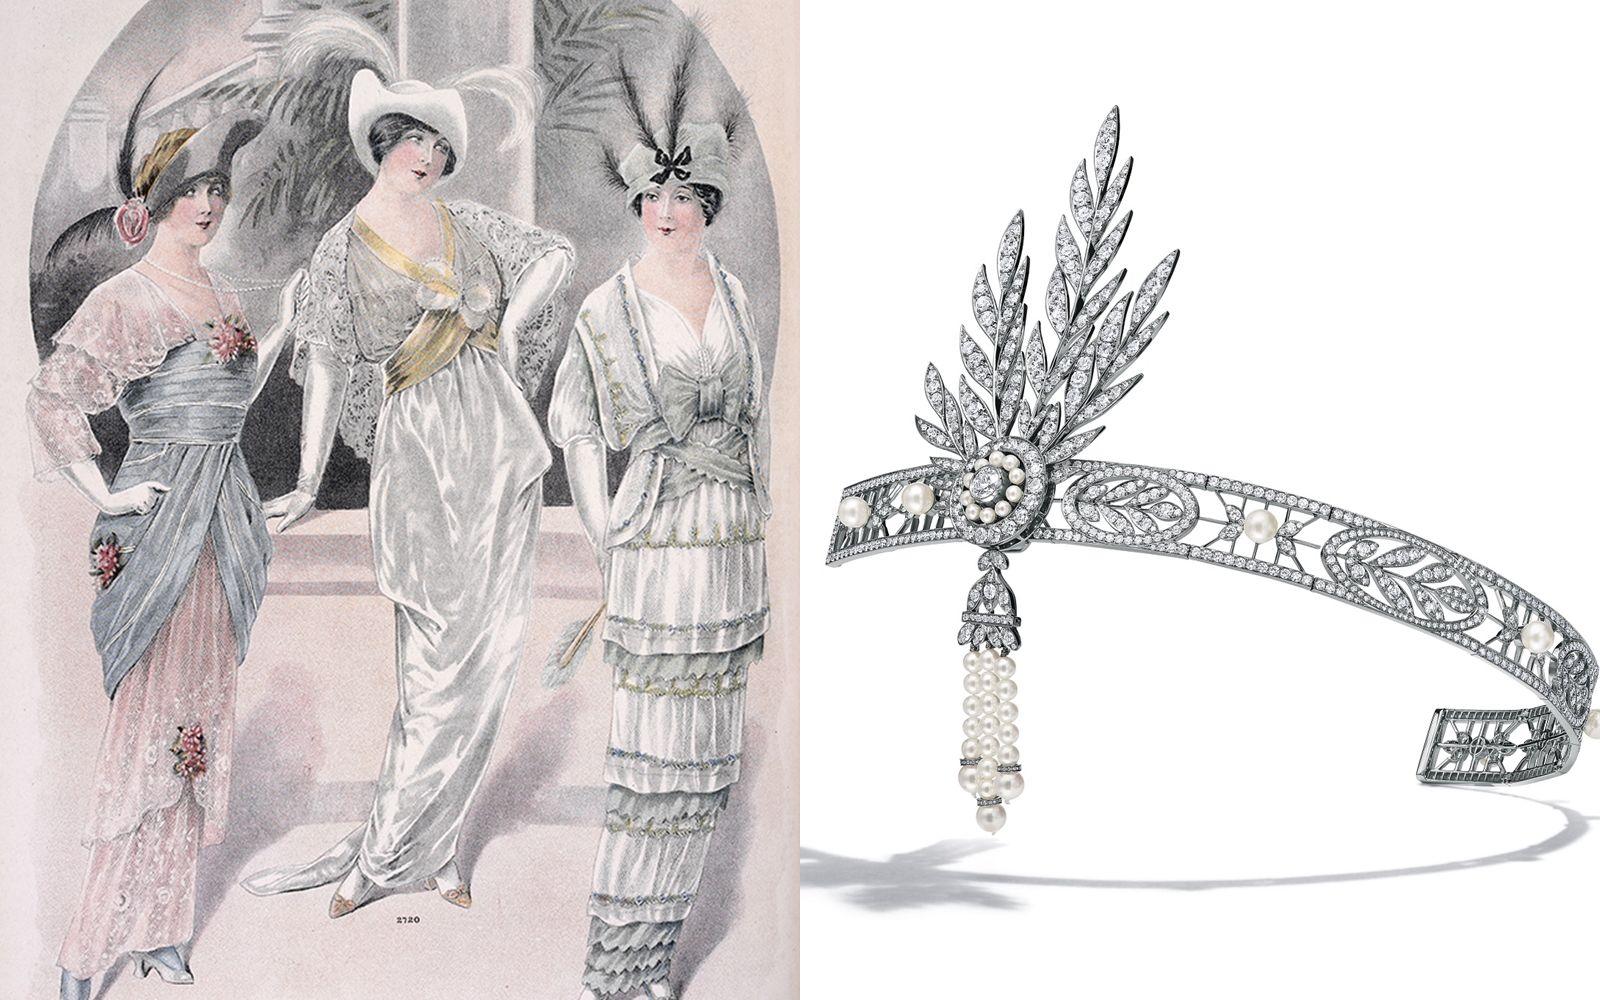 最美的年代、最美的珠寶,蝴蝶結、流蘇、羽飾⋯⋯當代珠寶如何再繹美好年代時期珠寶經典元素